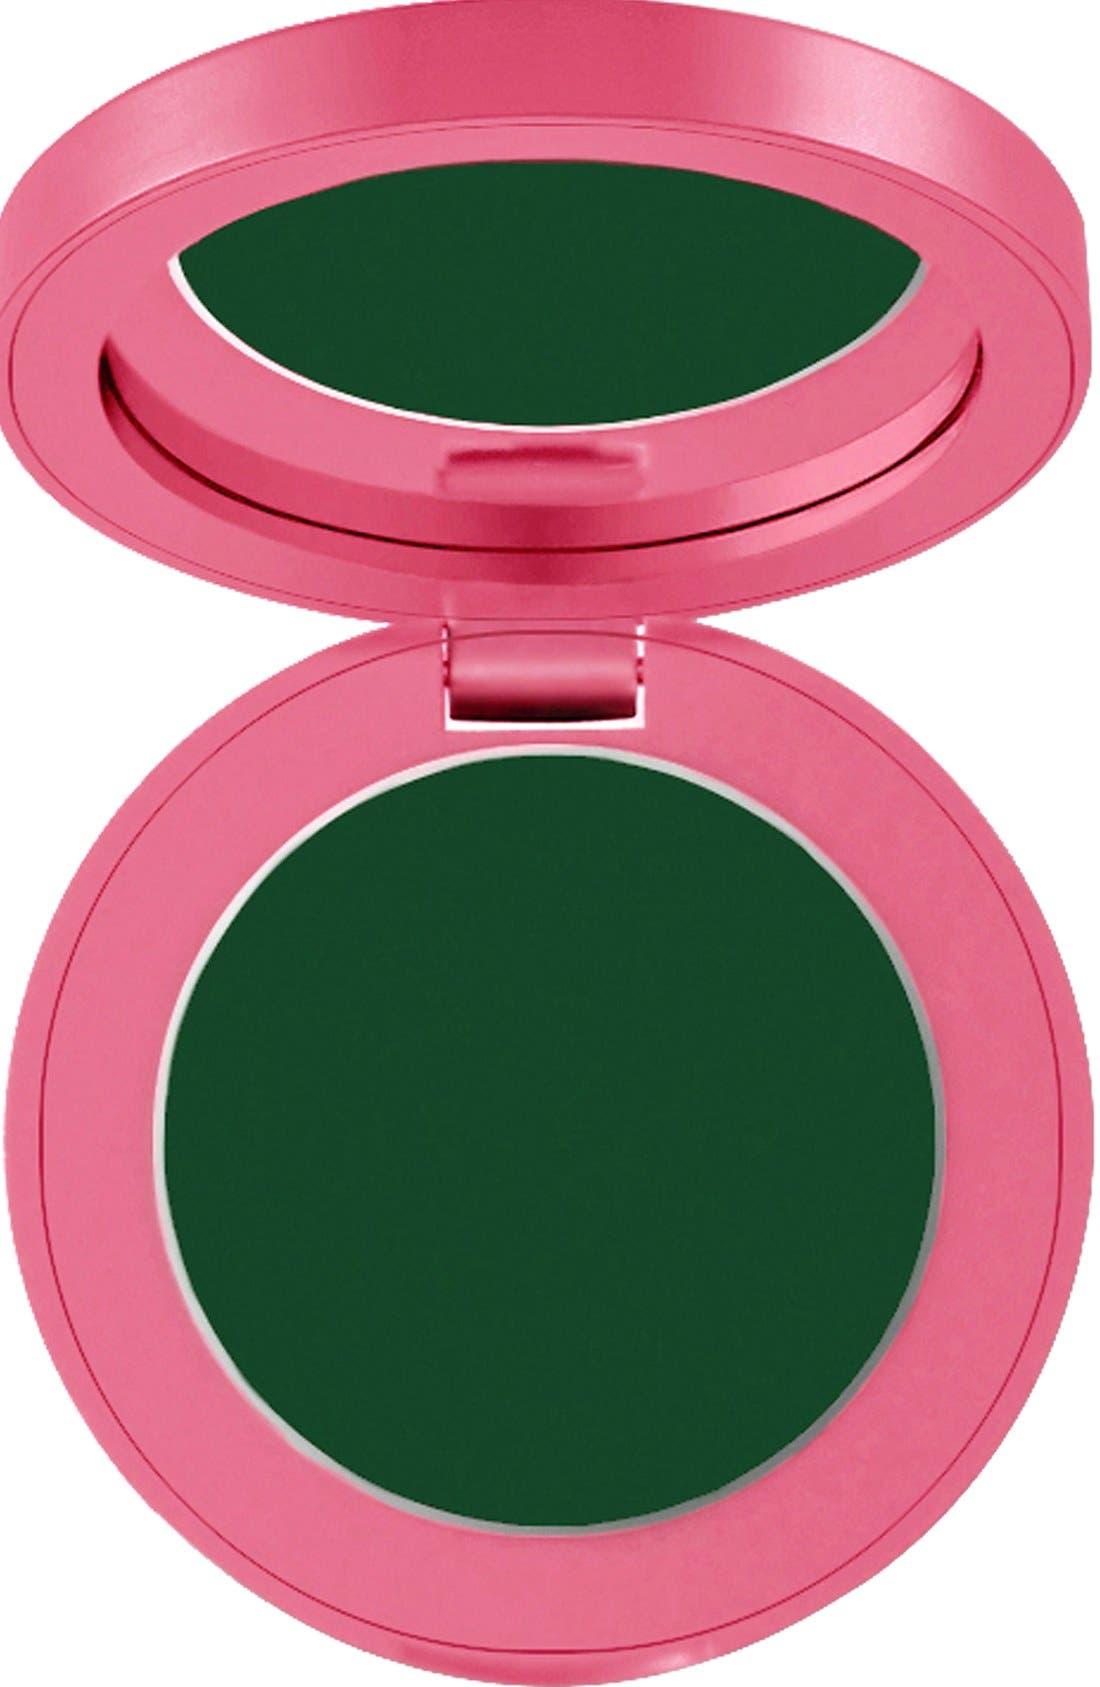 SPACE.NK.apothecary Lipstick Queen Frog Prince Cream Blush,                         Main,                         color,